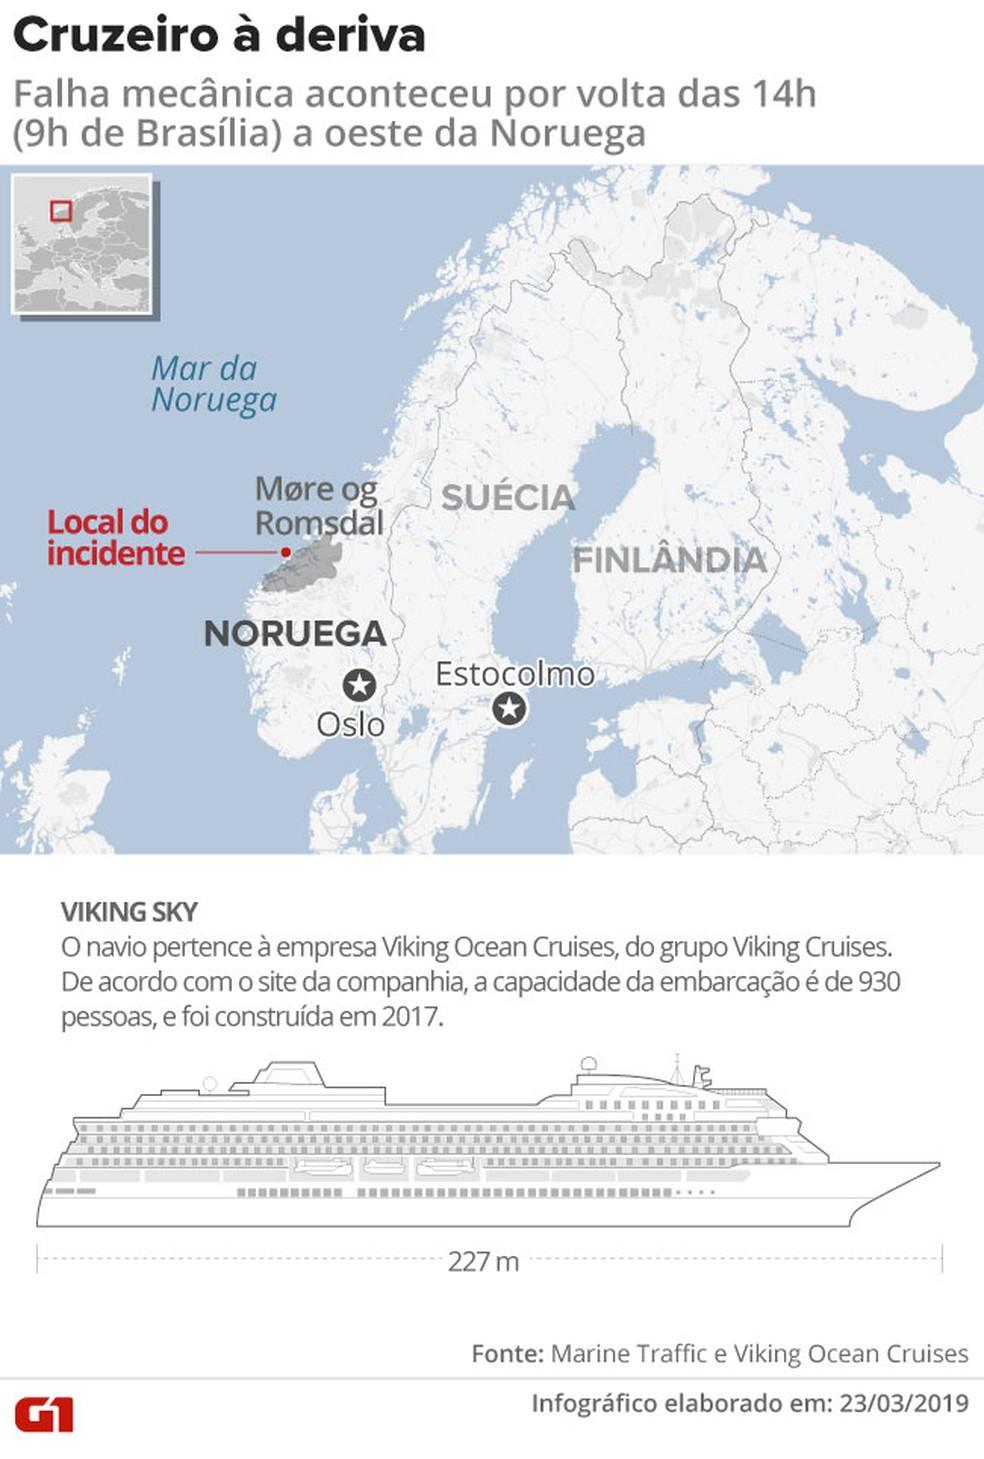 Cruzeiro à deriva na Noruega — Foto: Rodrigo Cunha/G1